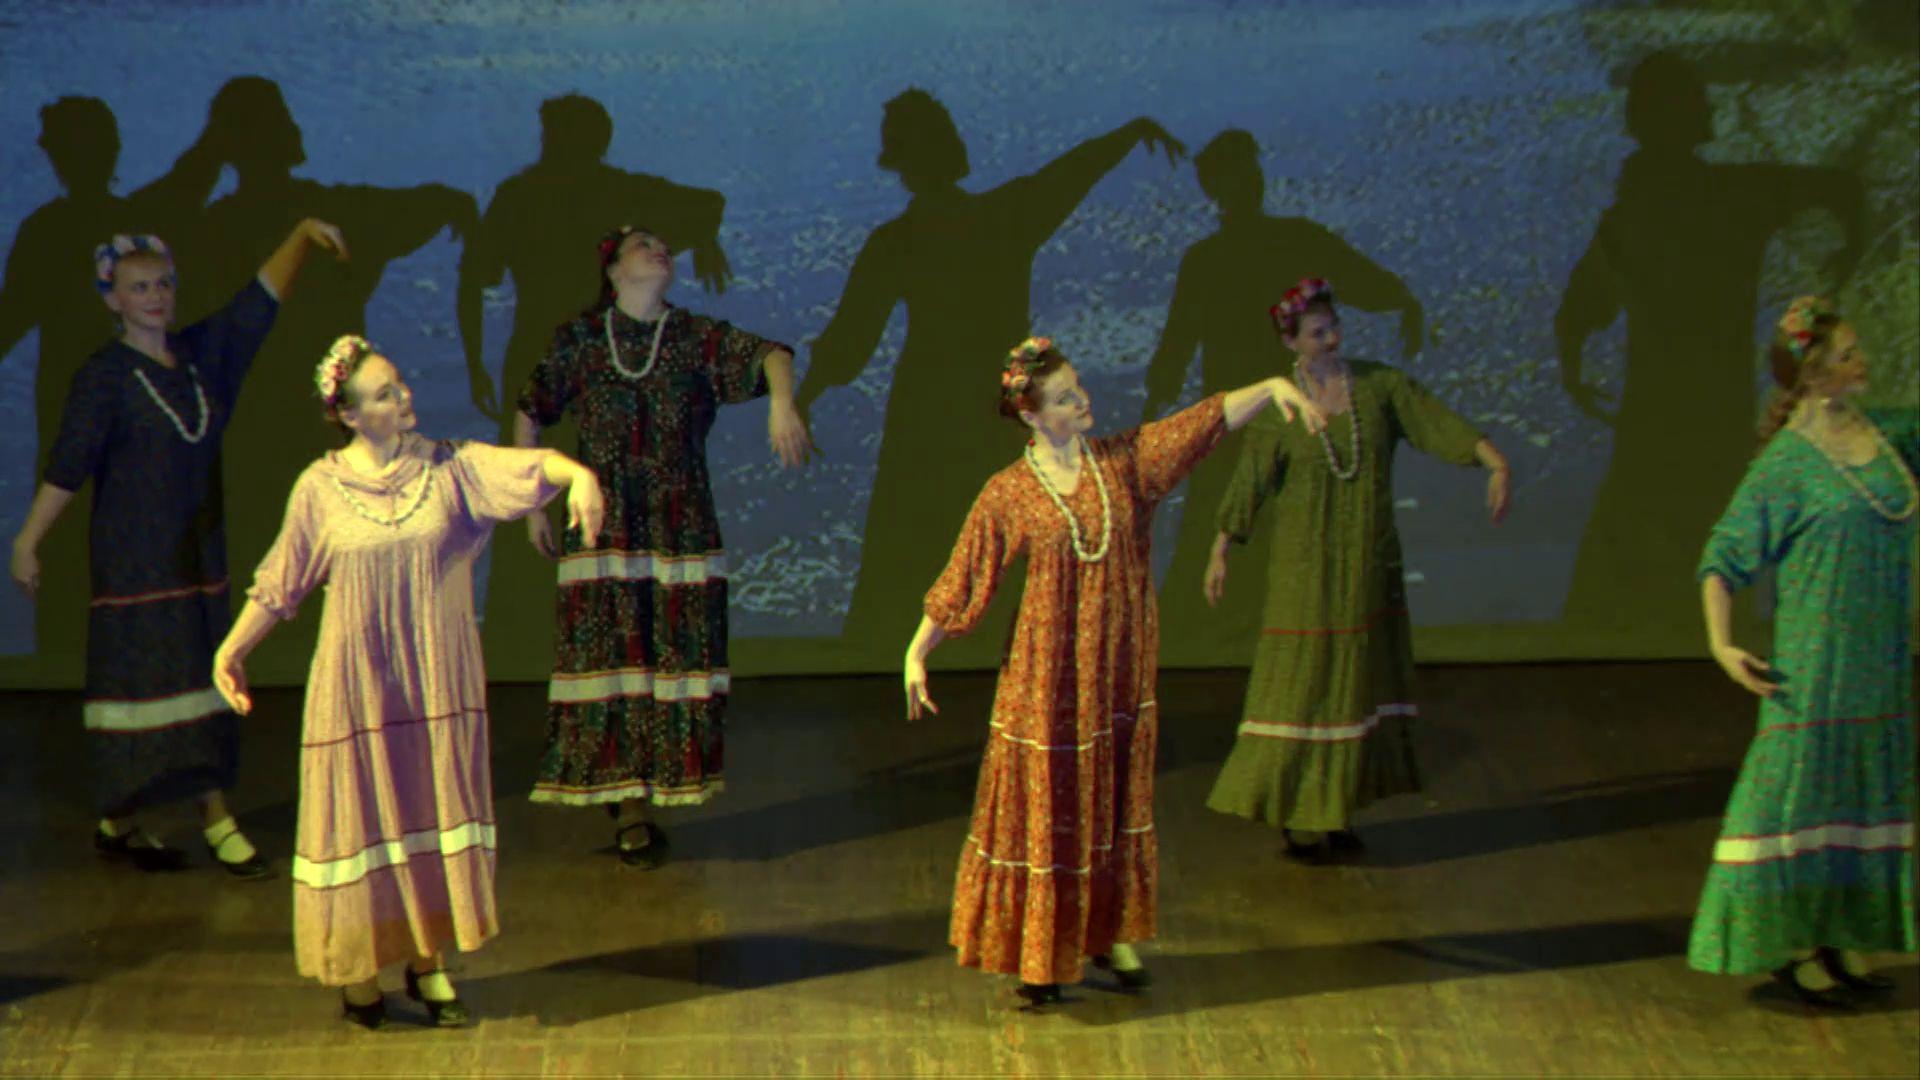 Маленький народный коллектив из Тутаева выступил с большим концертом в Ярославле